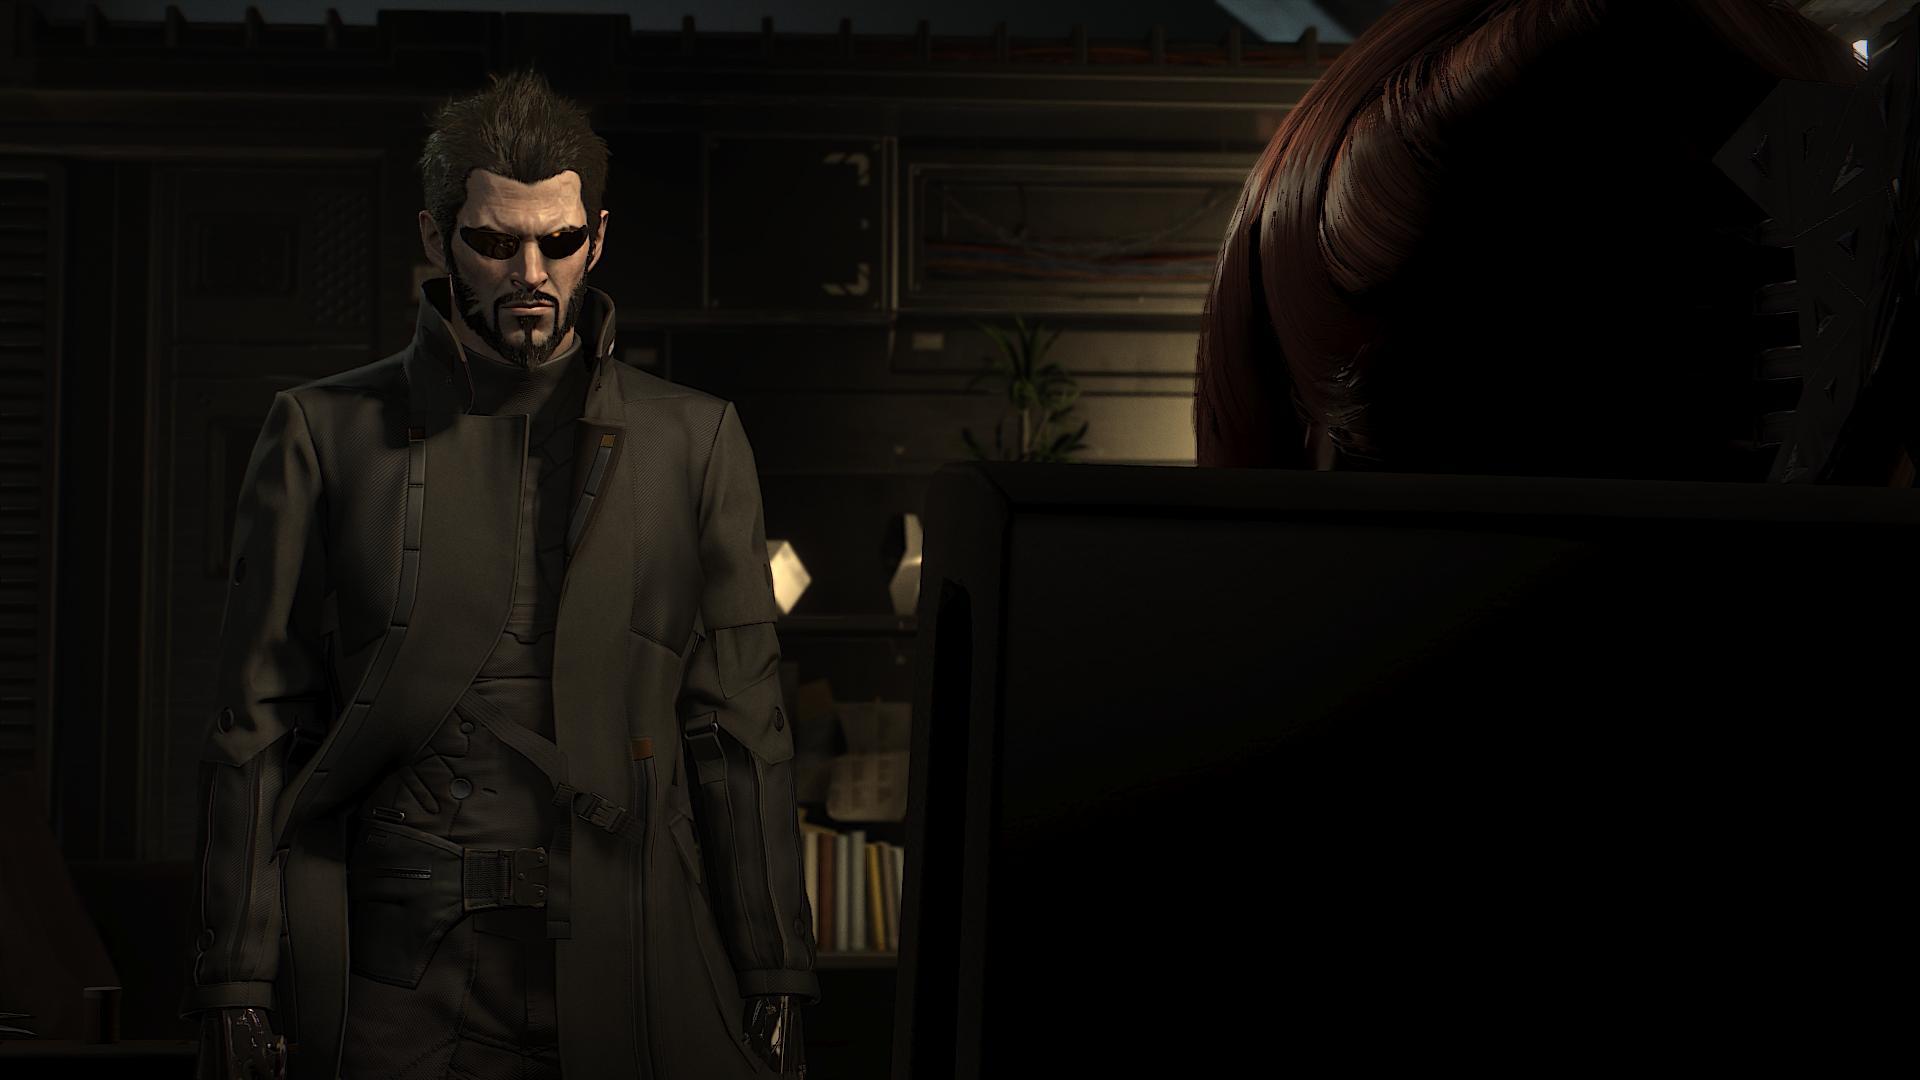 000426.Jpg - Deus Ex: Mankind Divided